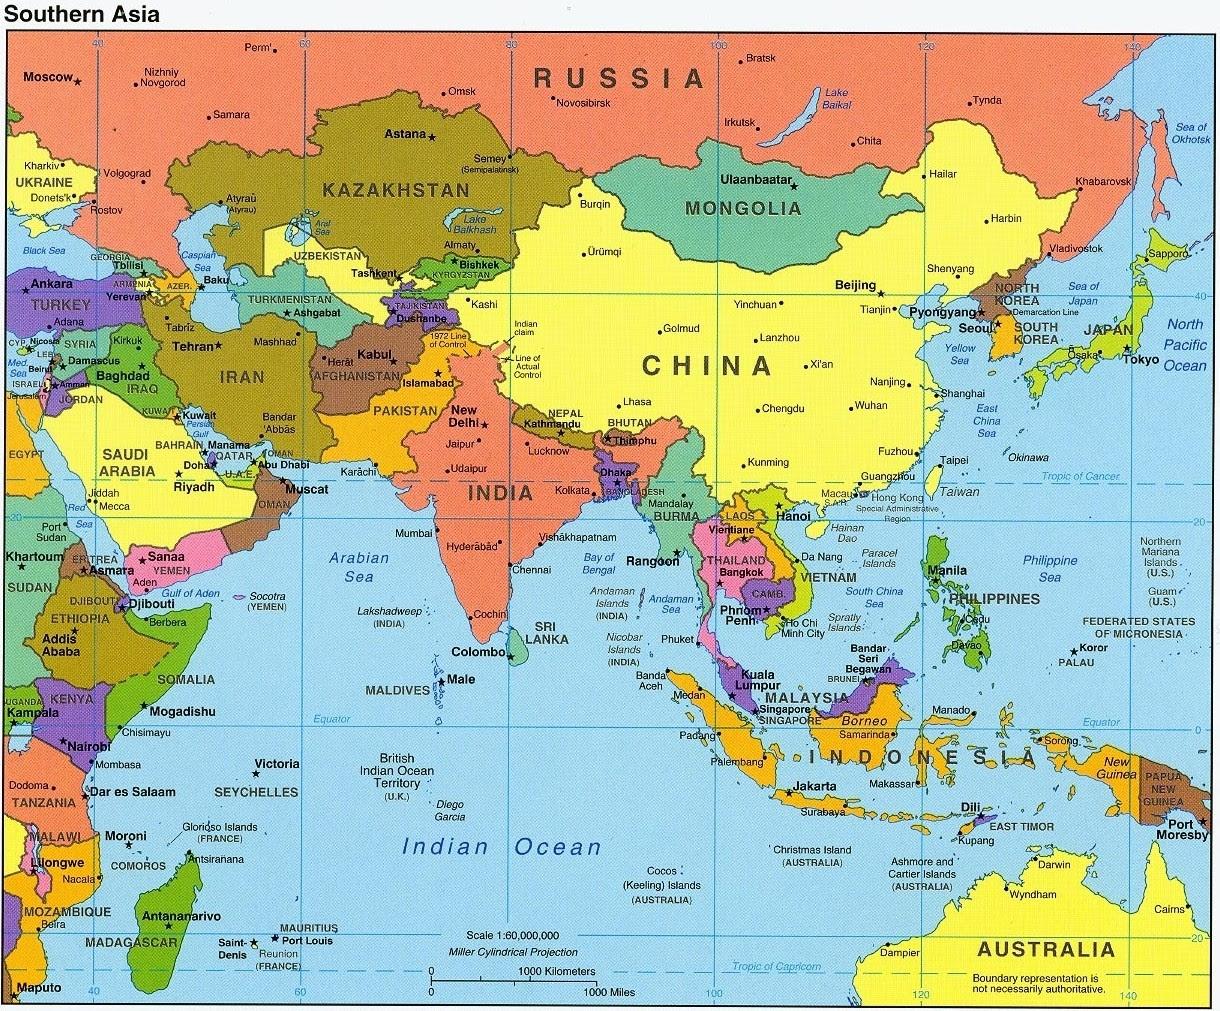 Mapa Actual De Europa Y Asia.25 Unico El Mapa De Europa Y Asia